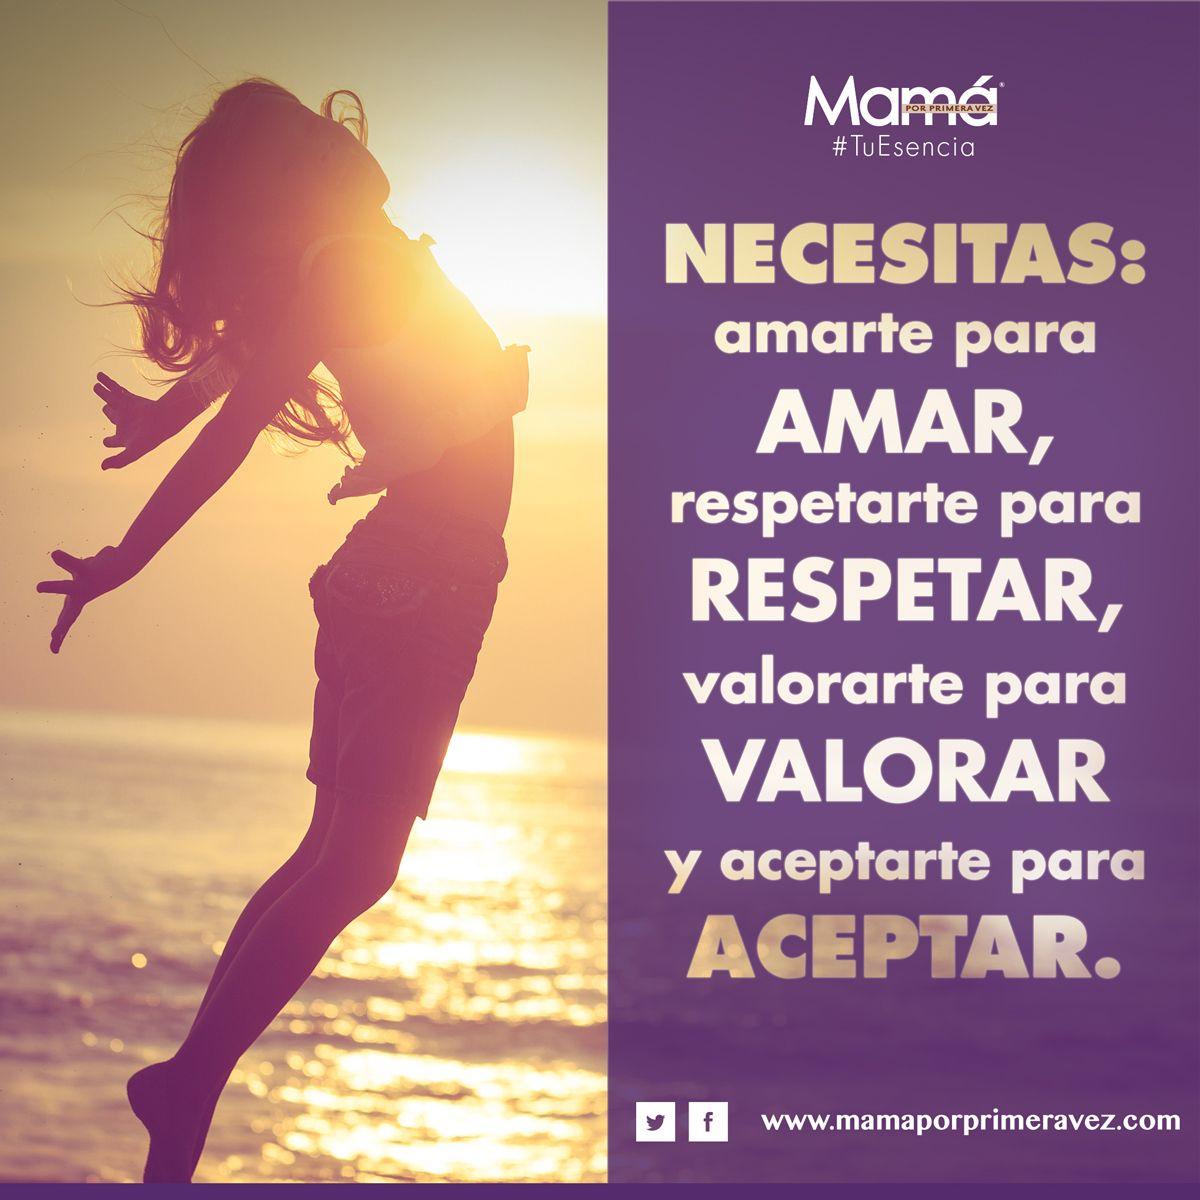 #TuEsencia ¡Buenas noches!  Consejo para meditar esta noche.  Necesitas: amarte para amar, respetarte para respetar, valorarte para valorar y aceptarte para aceptar. Recuerda, nadie puede dar lo que no tiene.